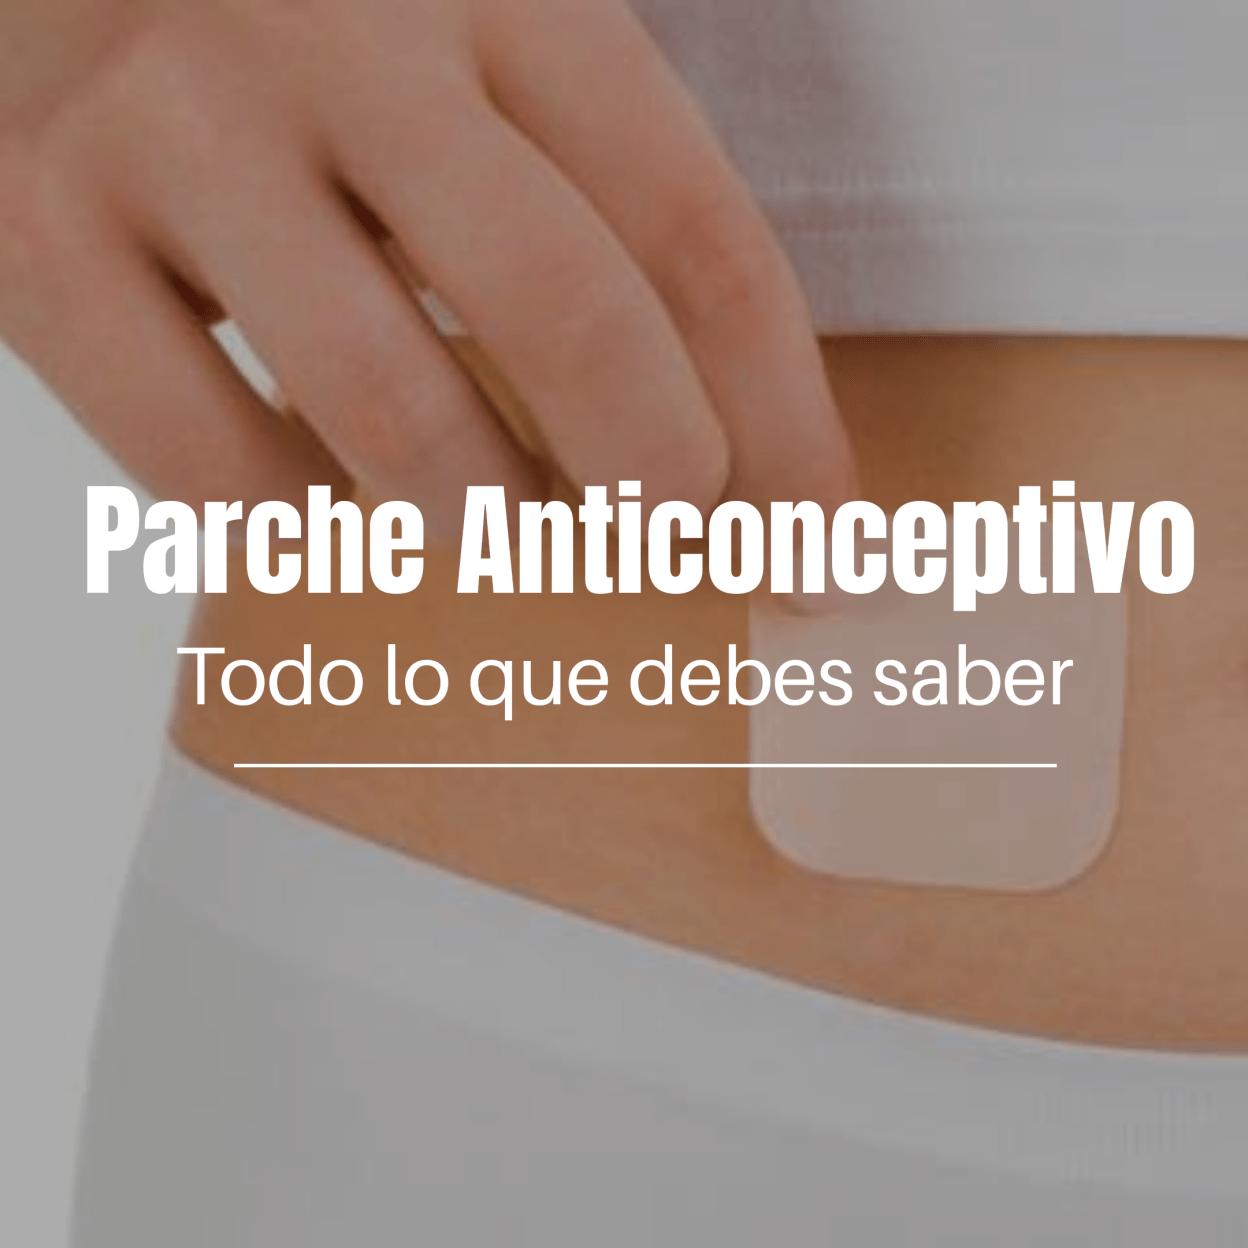 Parche anticonceptivo es un plástico delgado, cuadrado el cual se pega a la piel y libera hormonas similares a las que produce la mujer  inhibiendo la ovulación